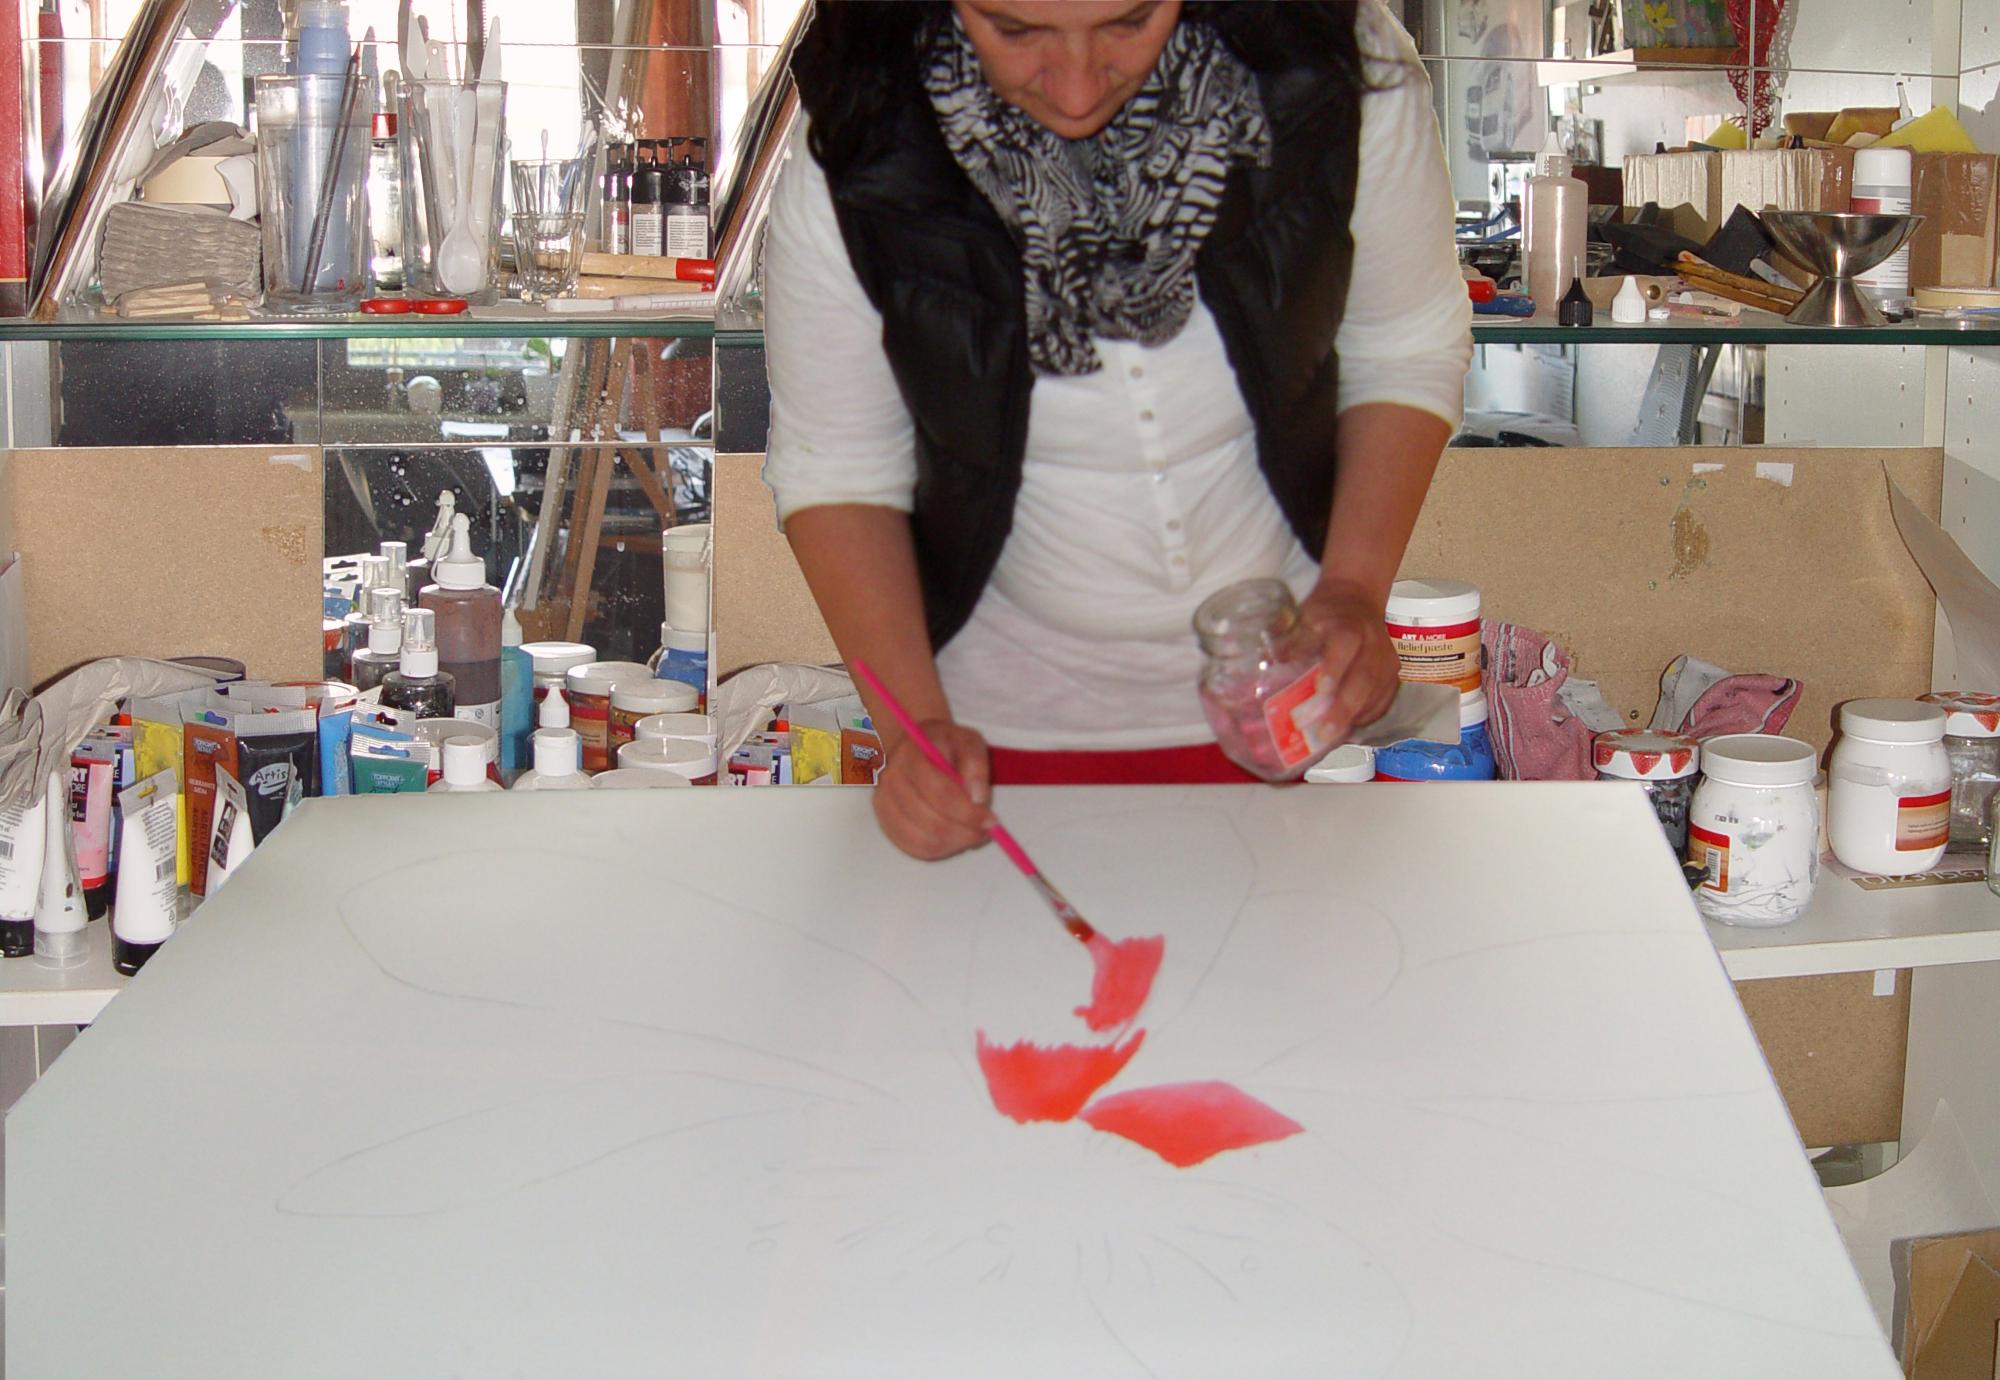 Kennen Sie schon die richtige Umgebung zum Malen lernen?